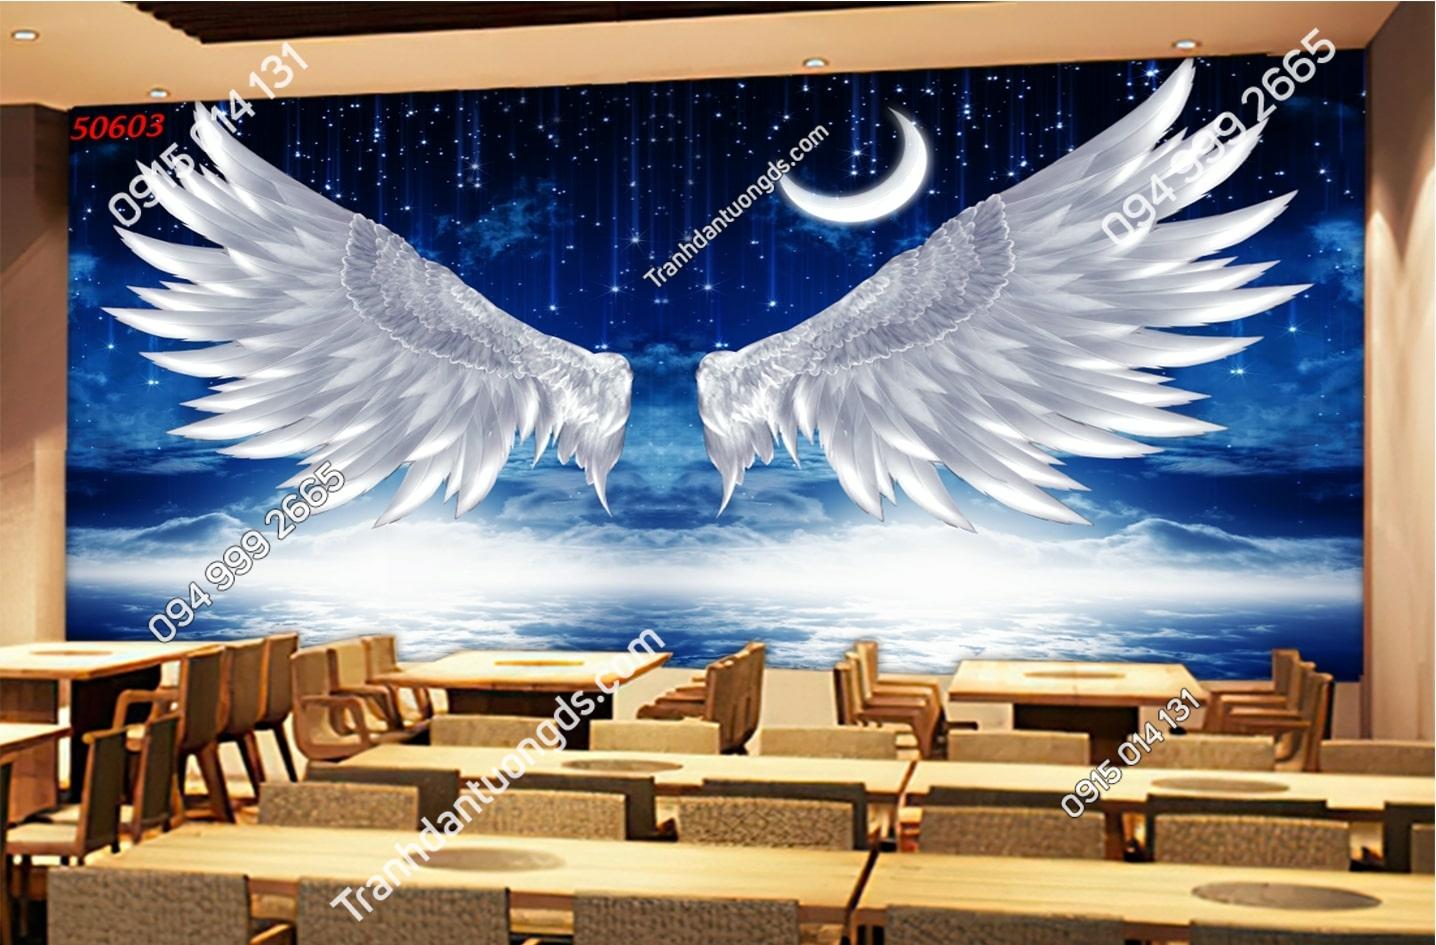 Tranh dán tường đôi cánh thiên thần trăng dán quán cafe 50603